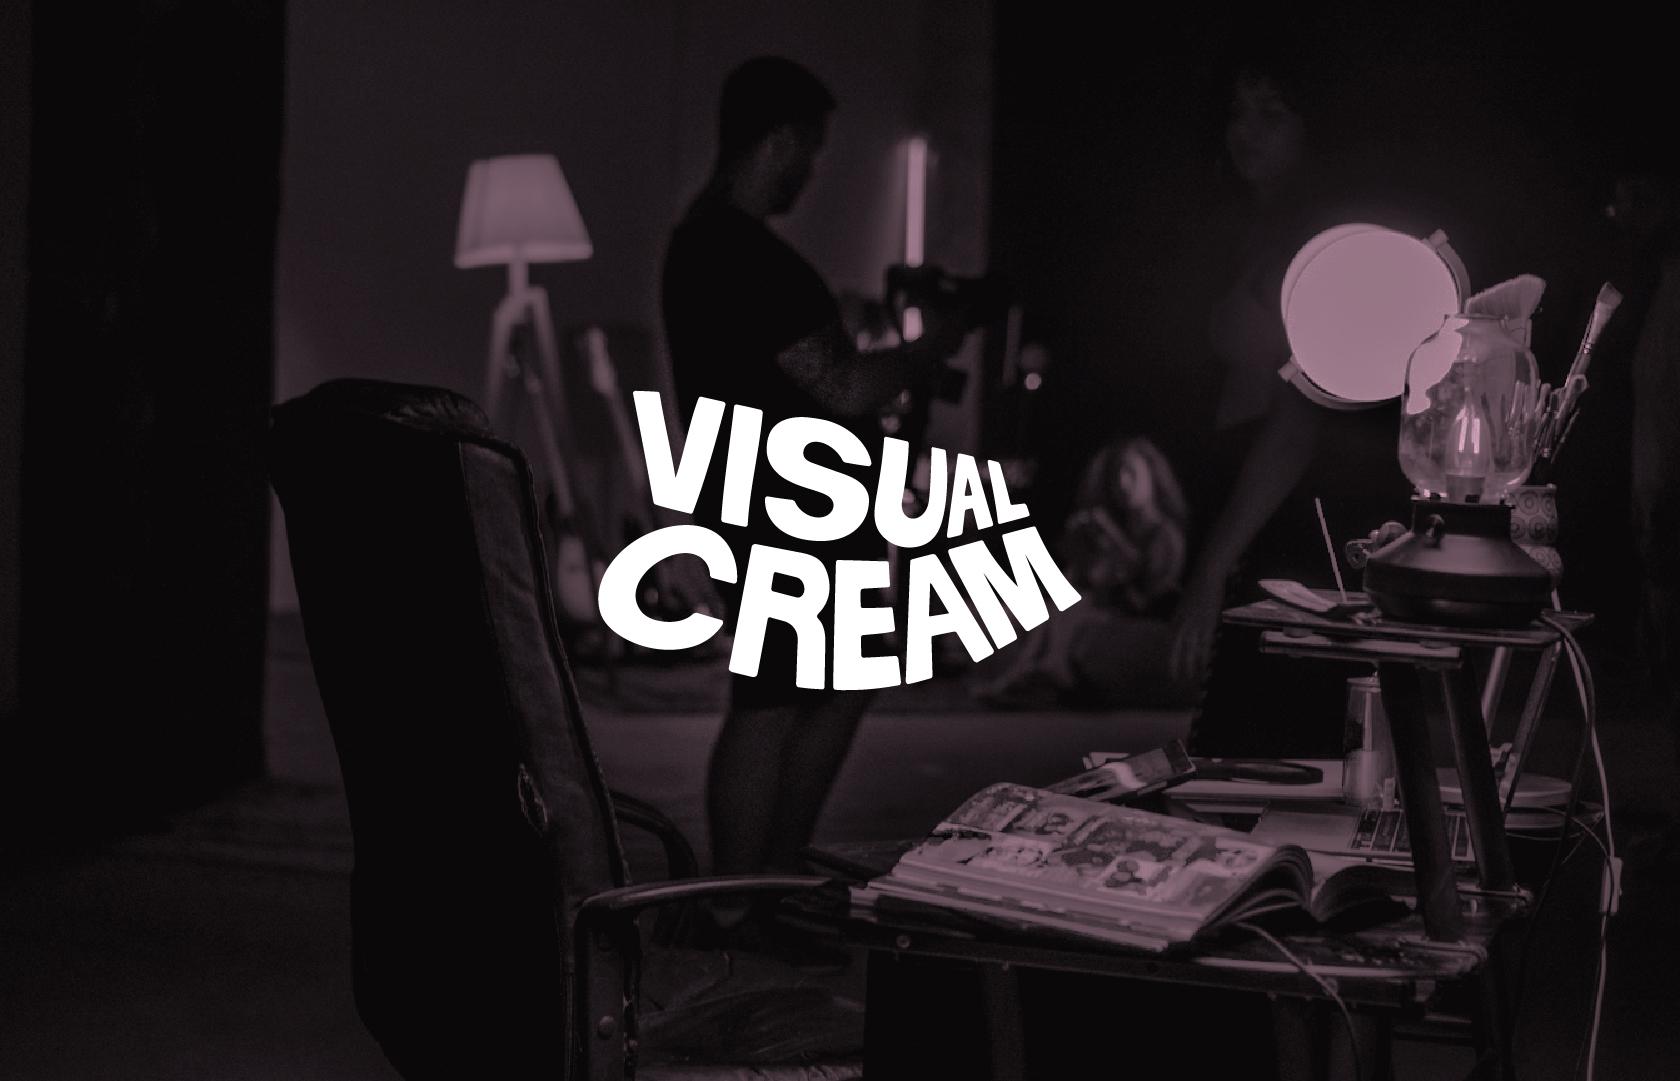 visual cream